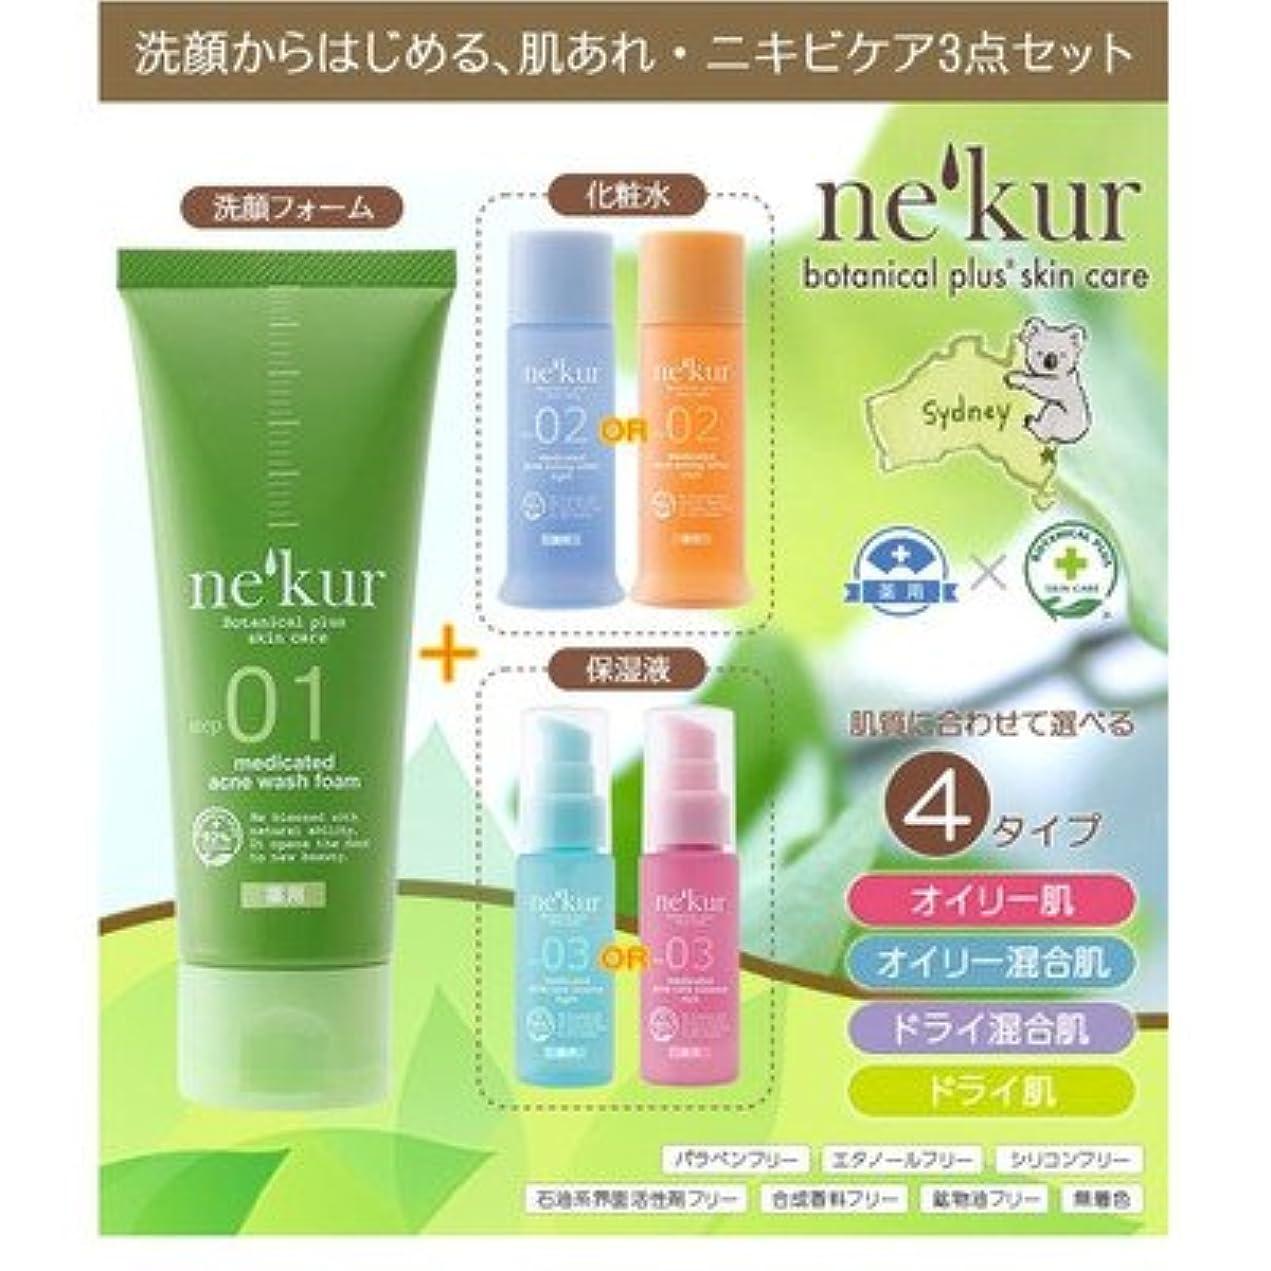 メディックボタンつらいネクア(nekur) ボタニカルプラススキンケア 薬用アクネ洗顔3点セット ドライ混合肌セット( 画像はイメージ画像です お届けの商品はドライ混合肌セットのみとなります)